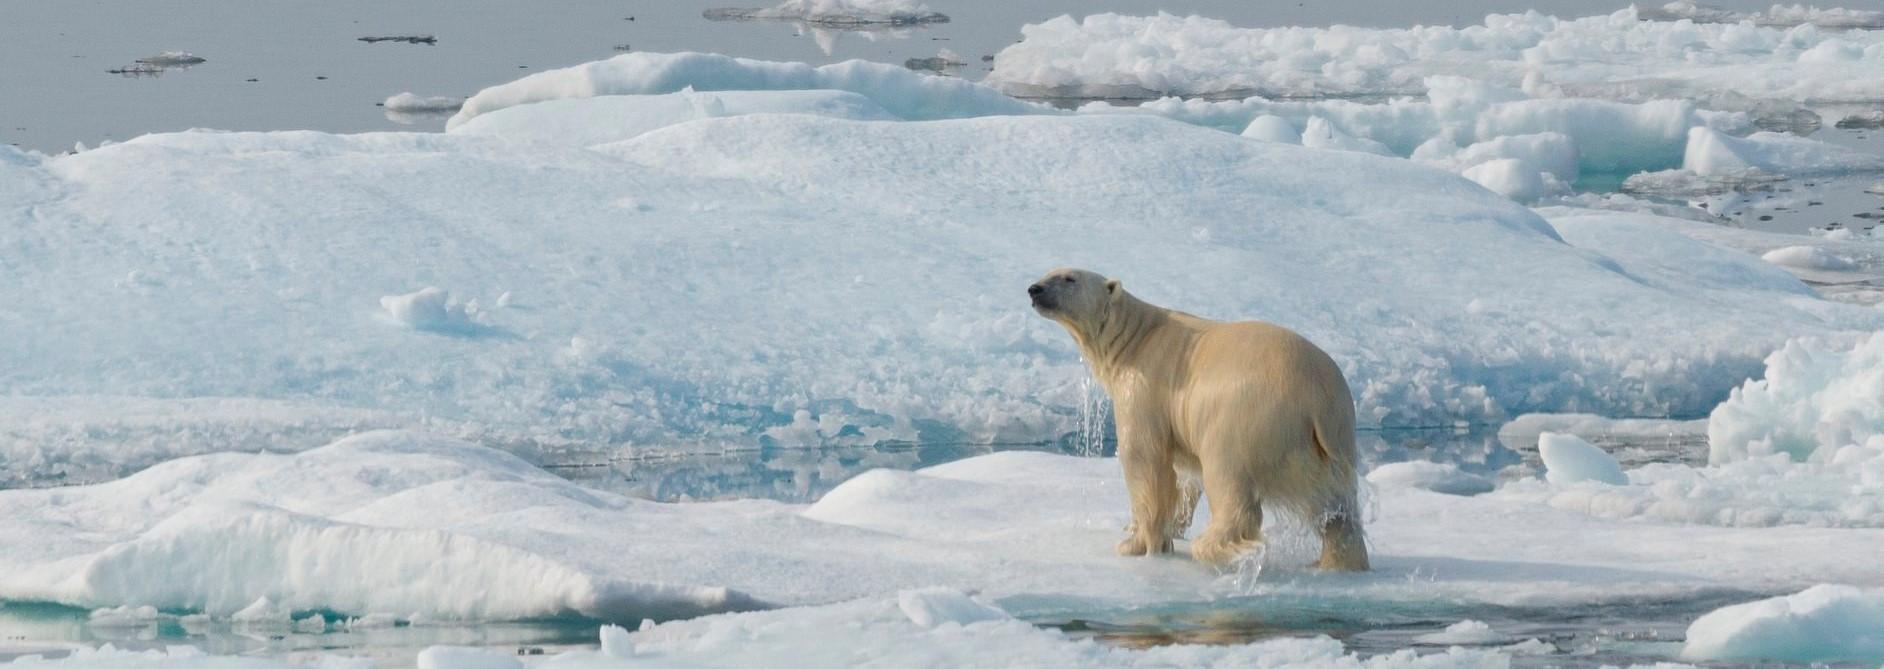 Khám phá Nauy - Bắc cực và Băng đảo Iceland